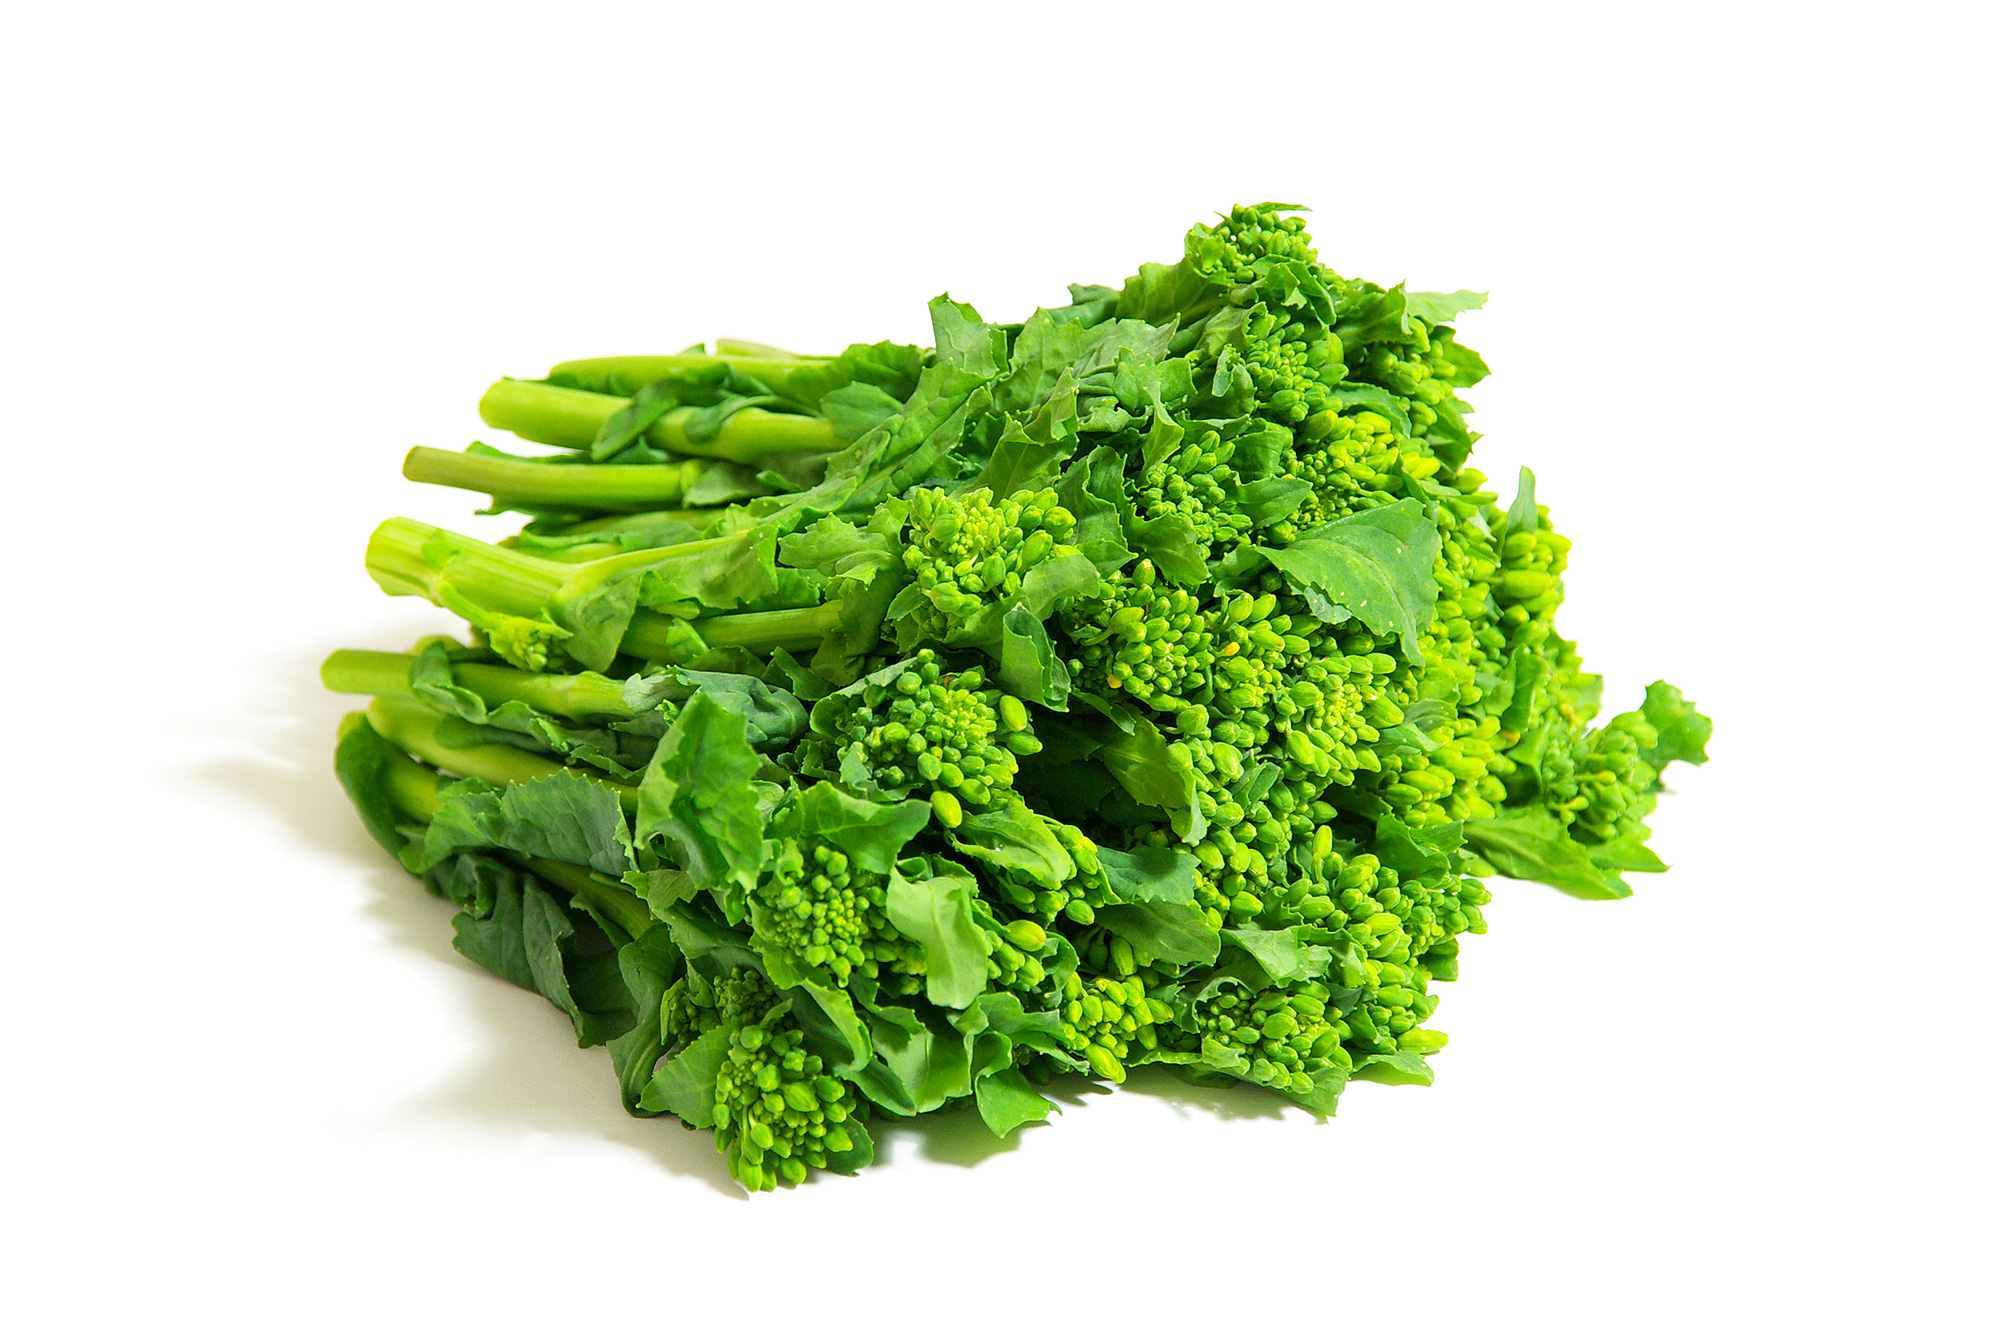 菜の花(野菜)のフリー画像素材